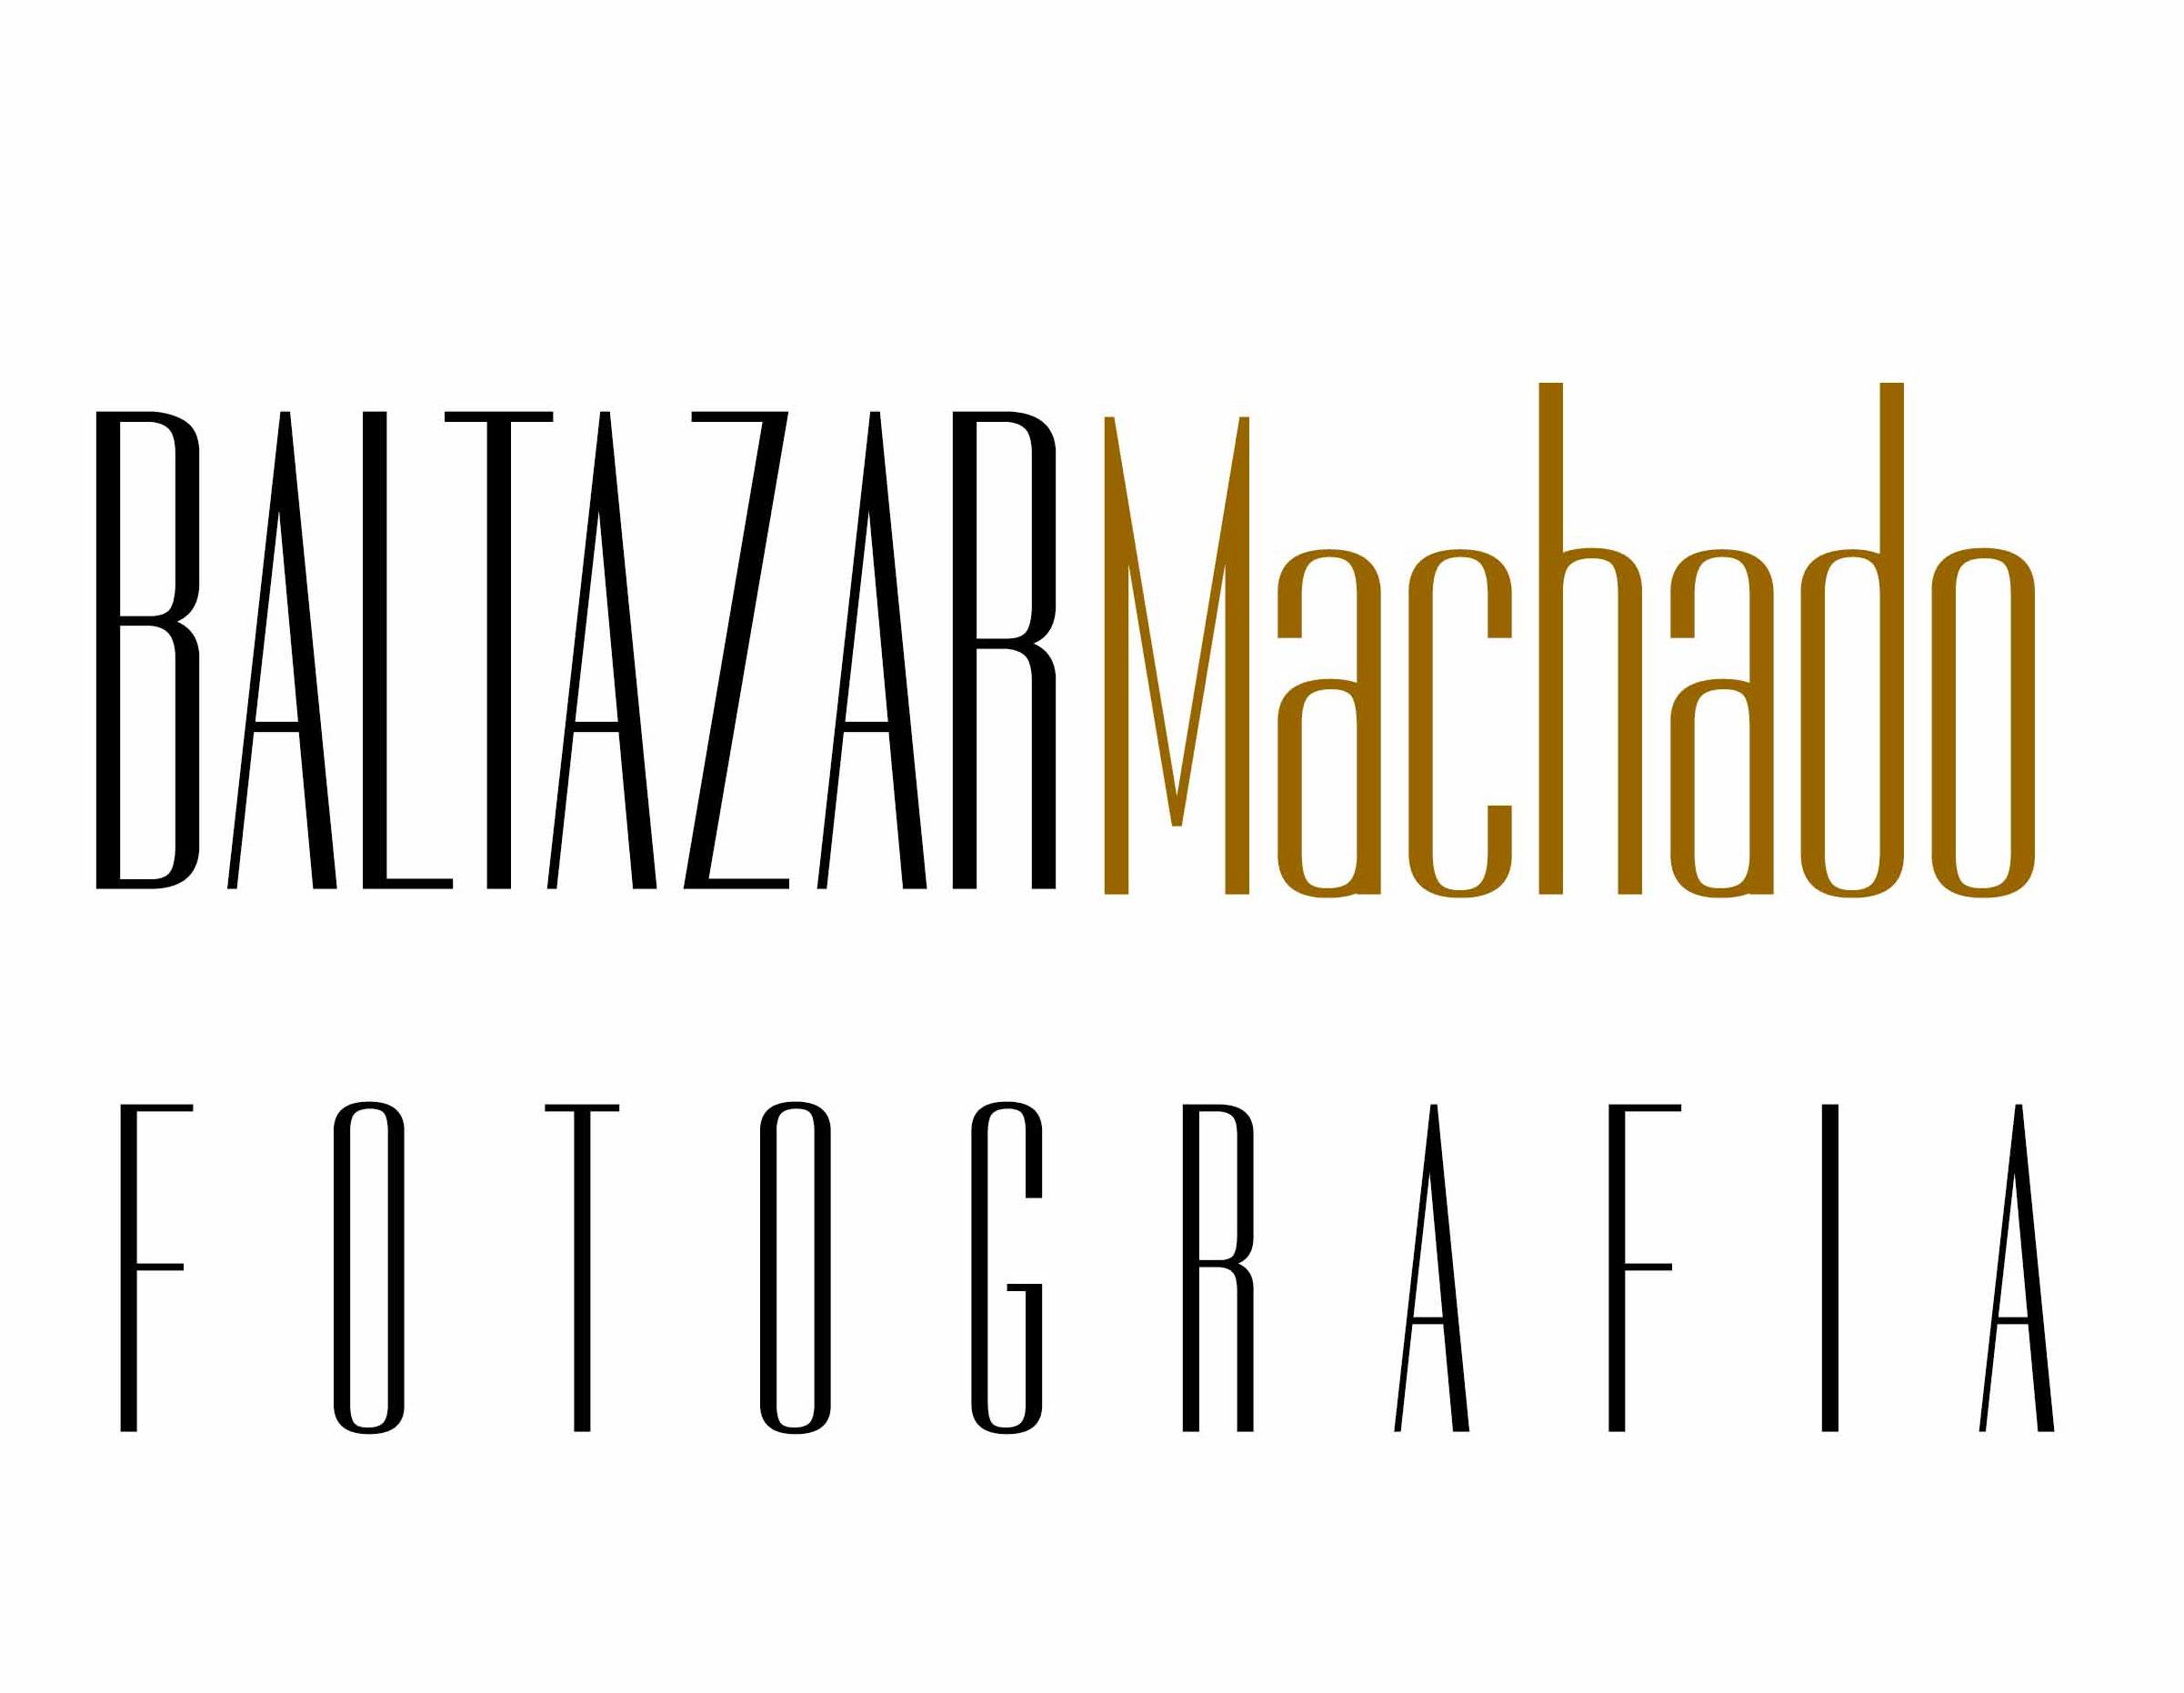 Baltazar Machado